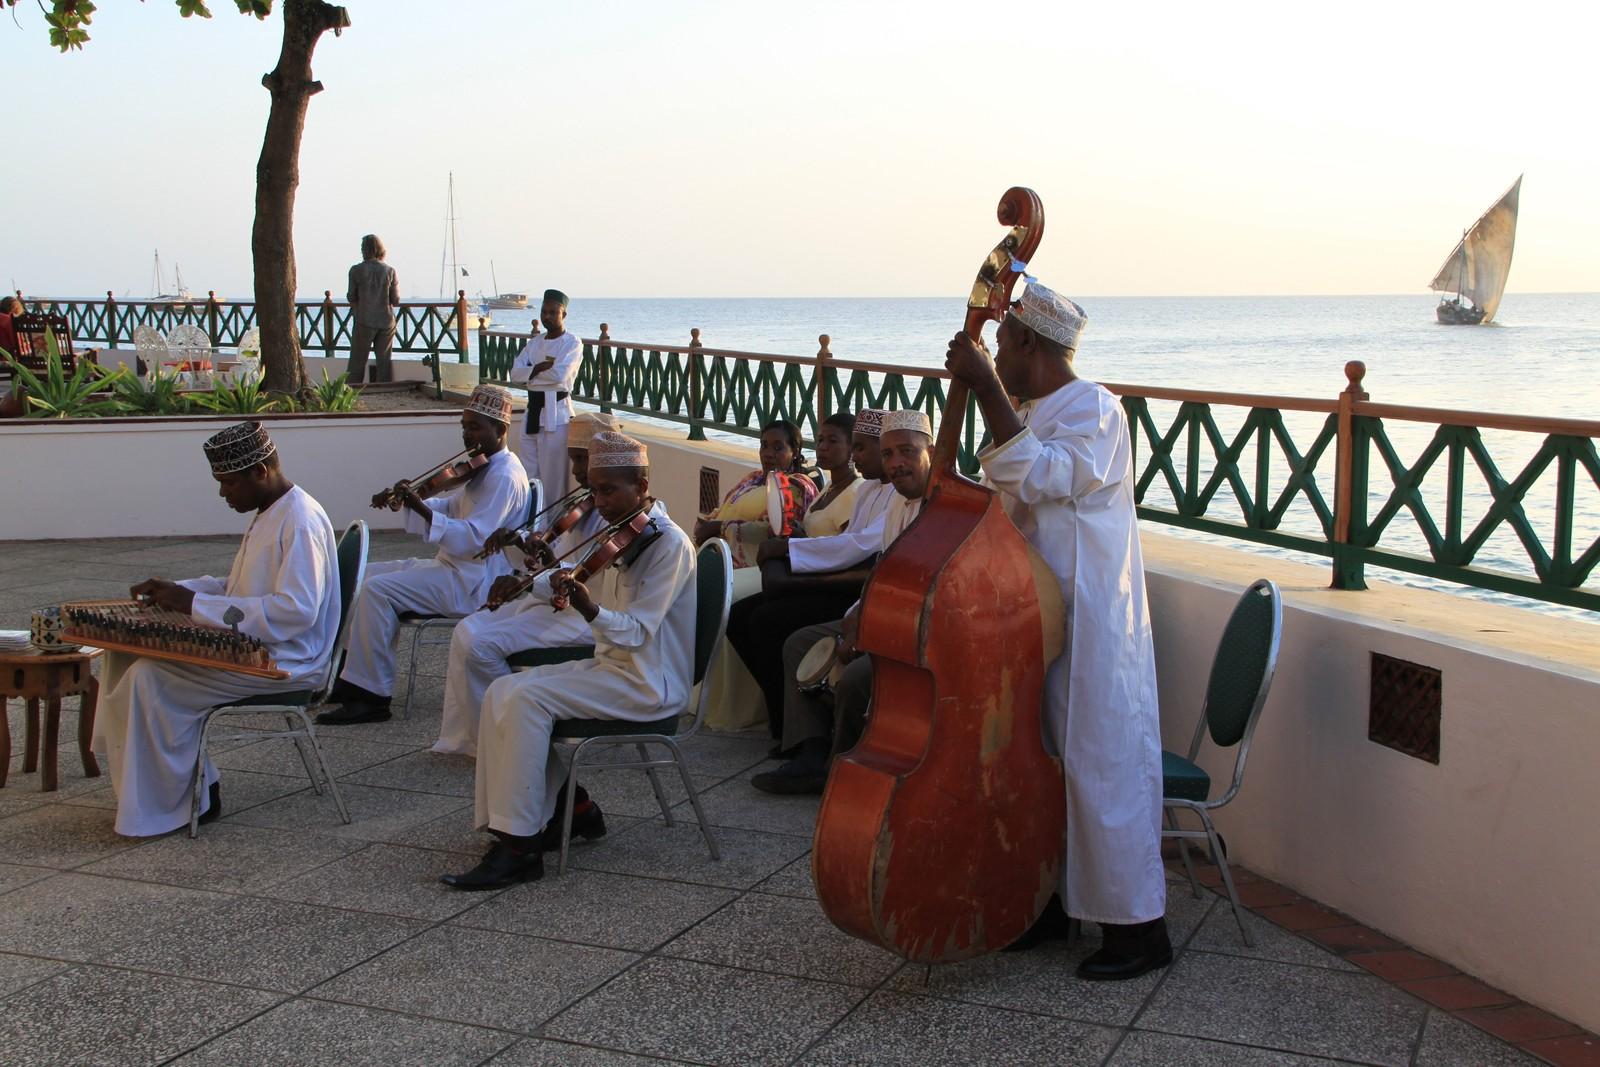 Ettermiddagskonsert på Serena Inn på Zanzibar.